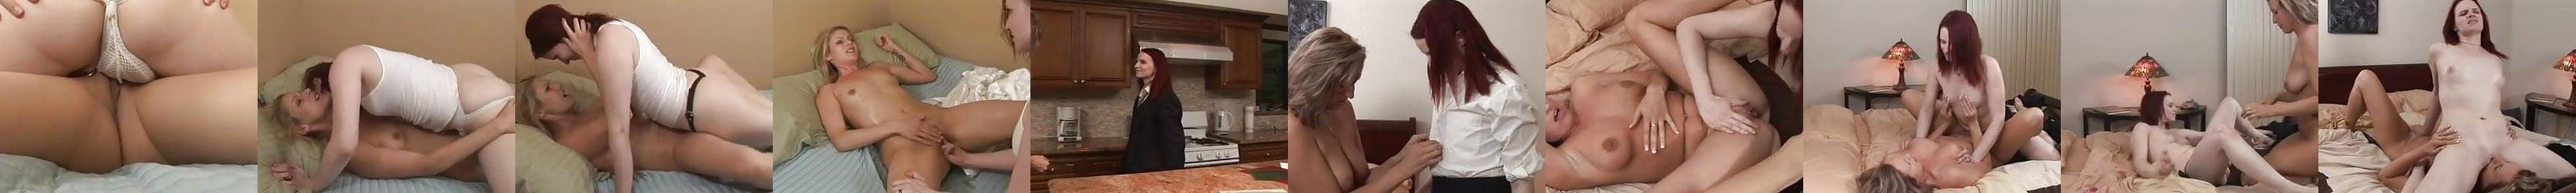 nude girl group fun